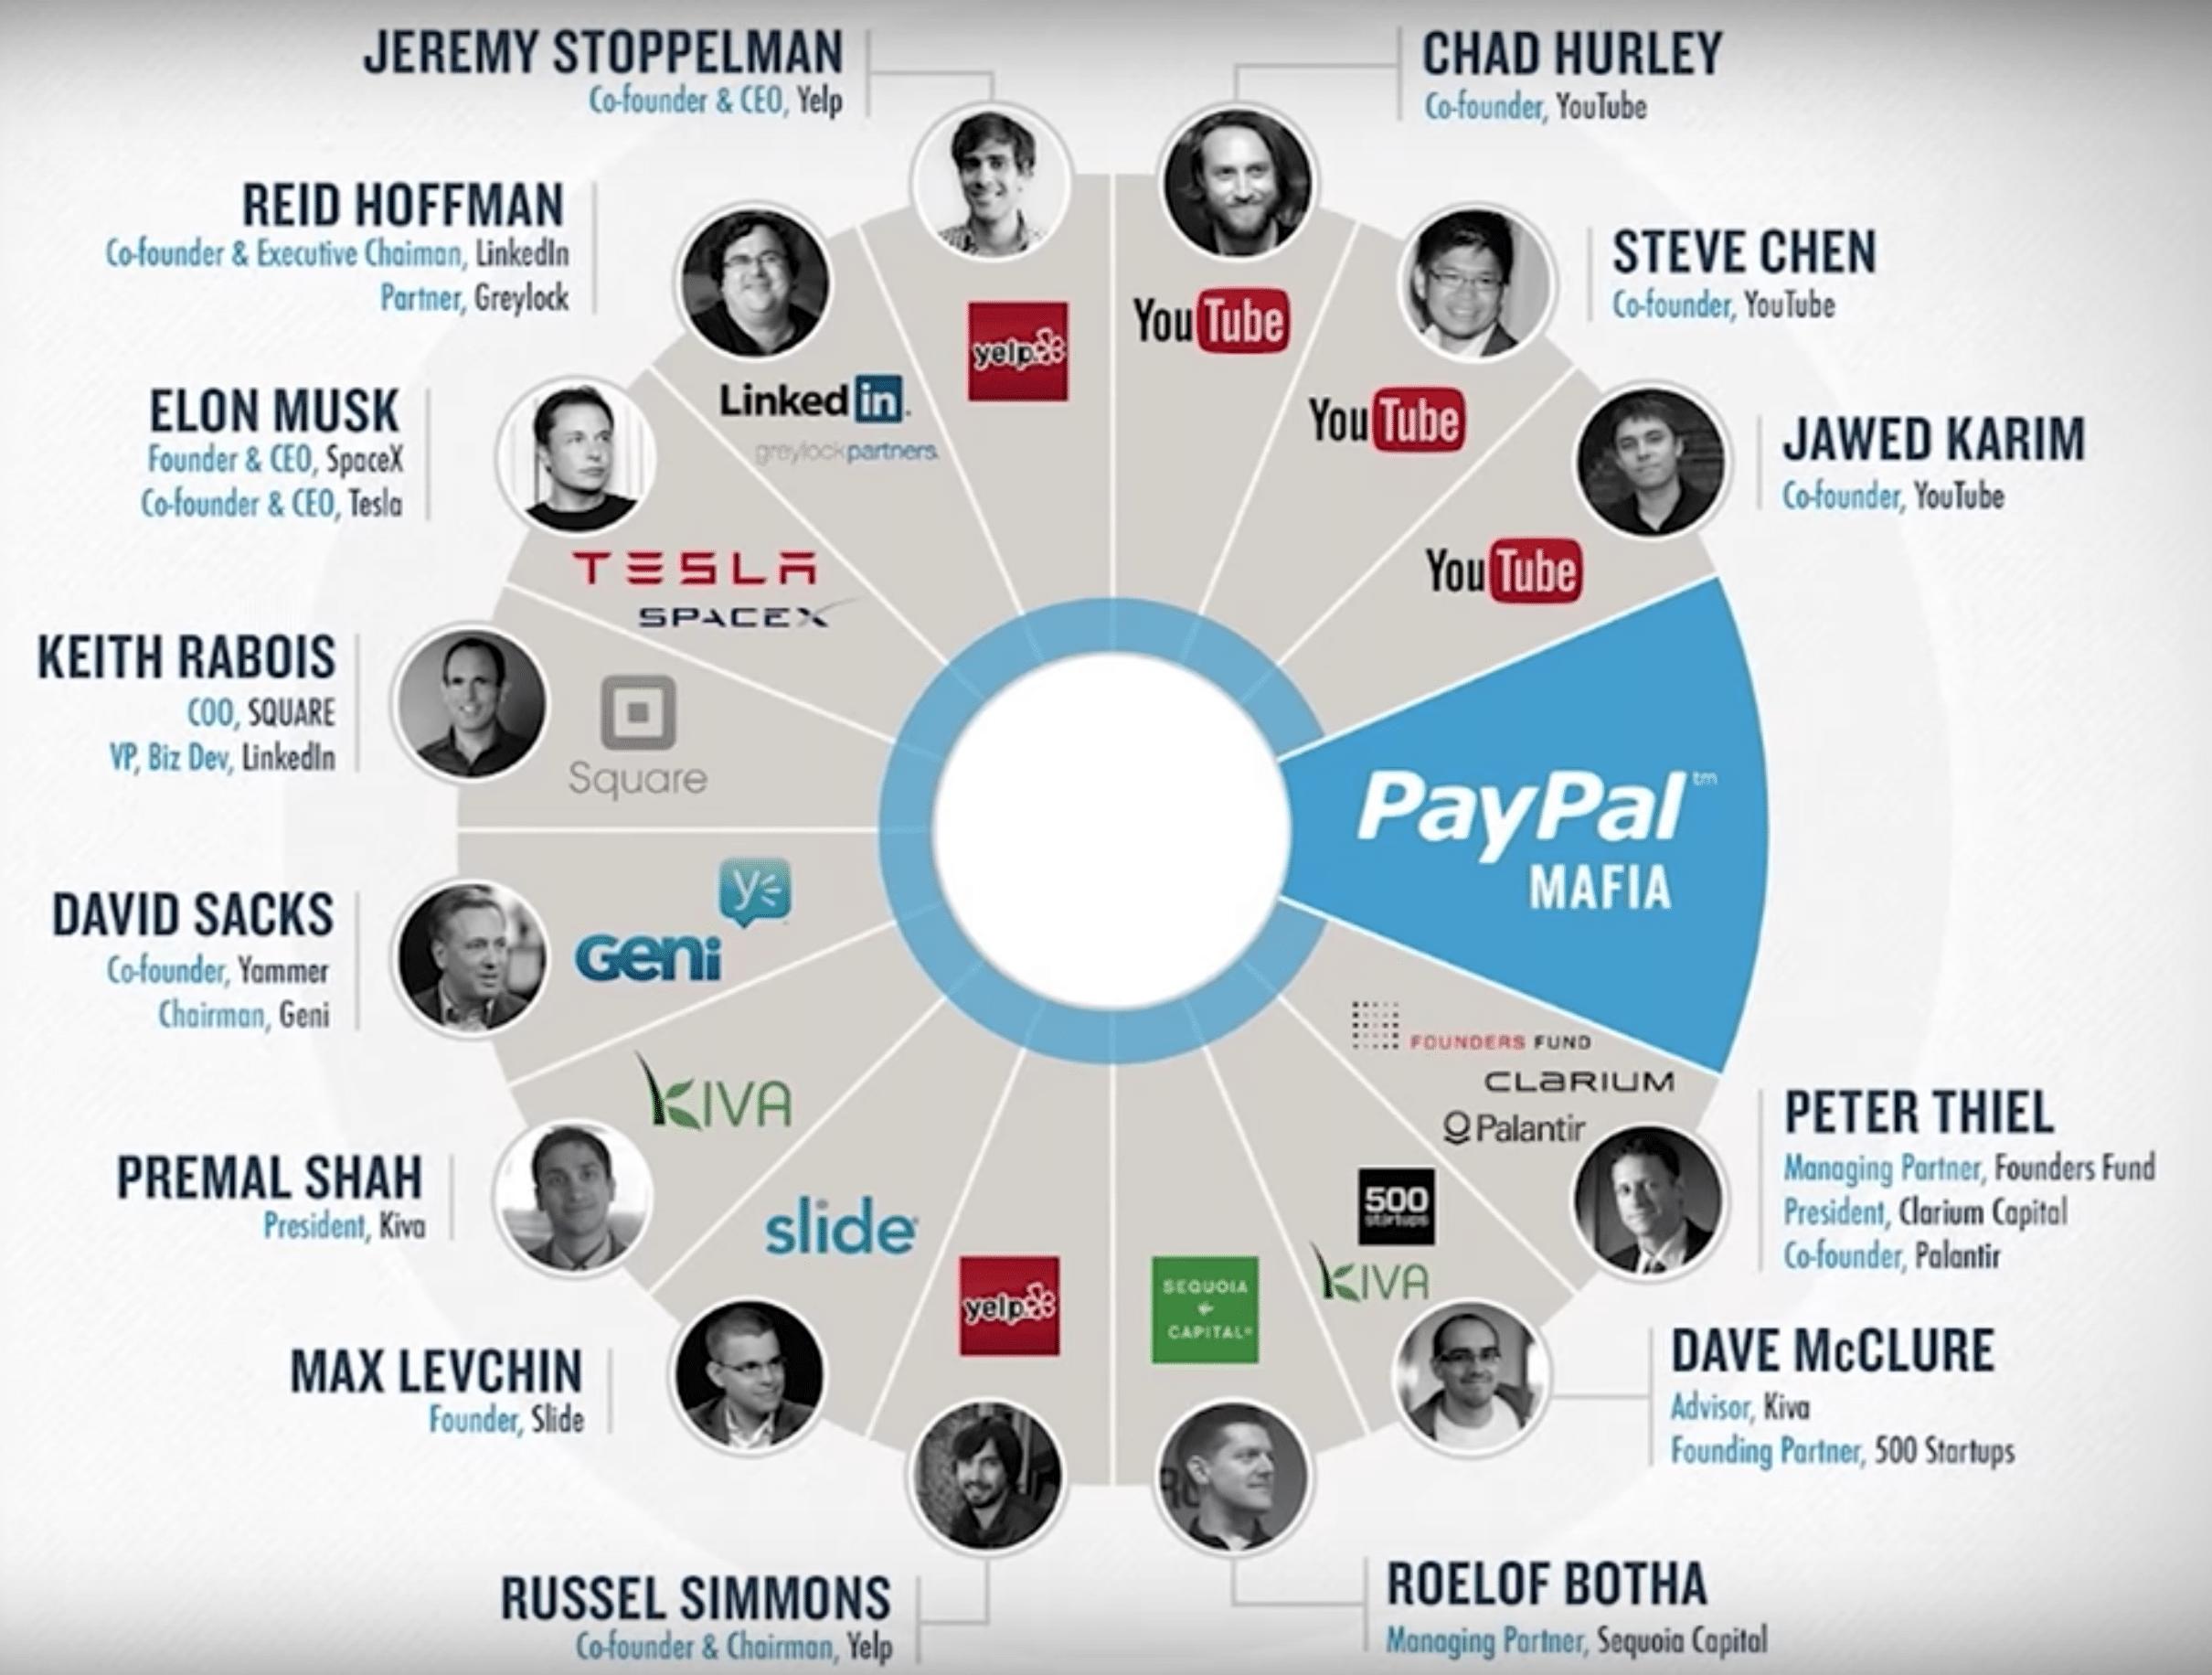 La mafia PayPal